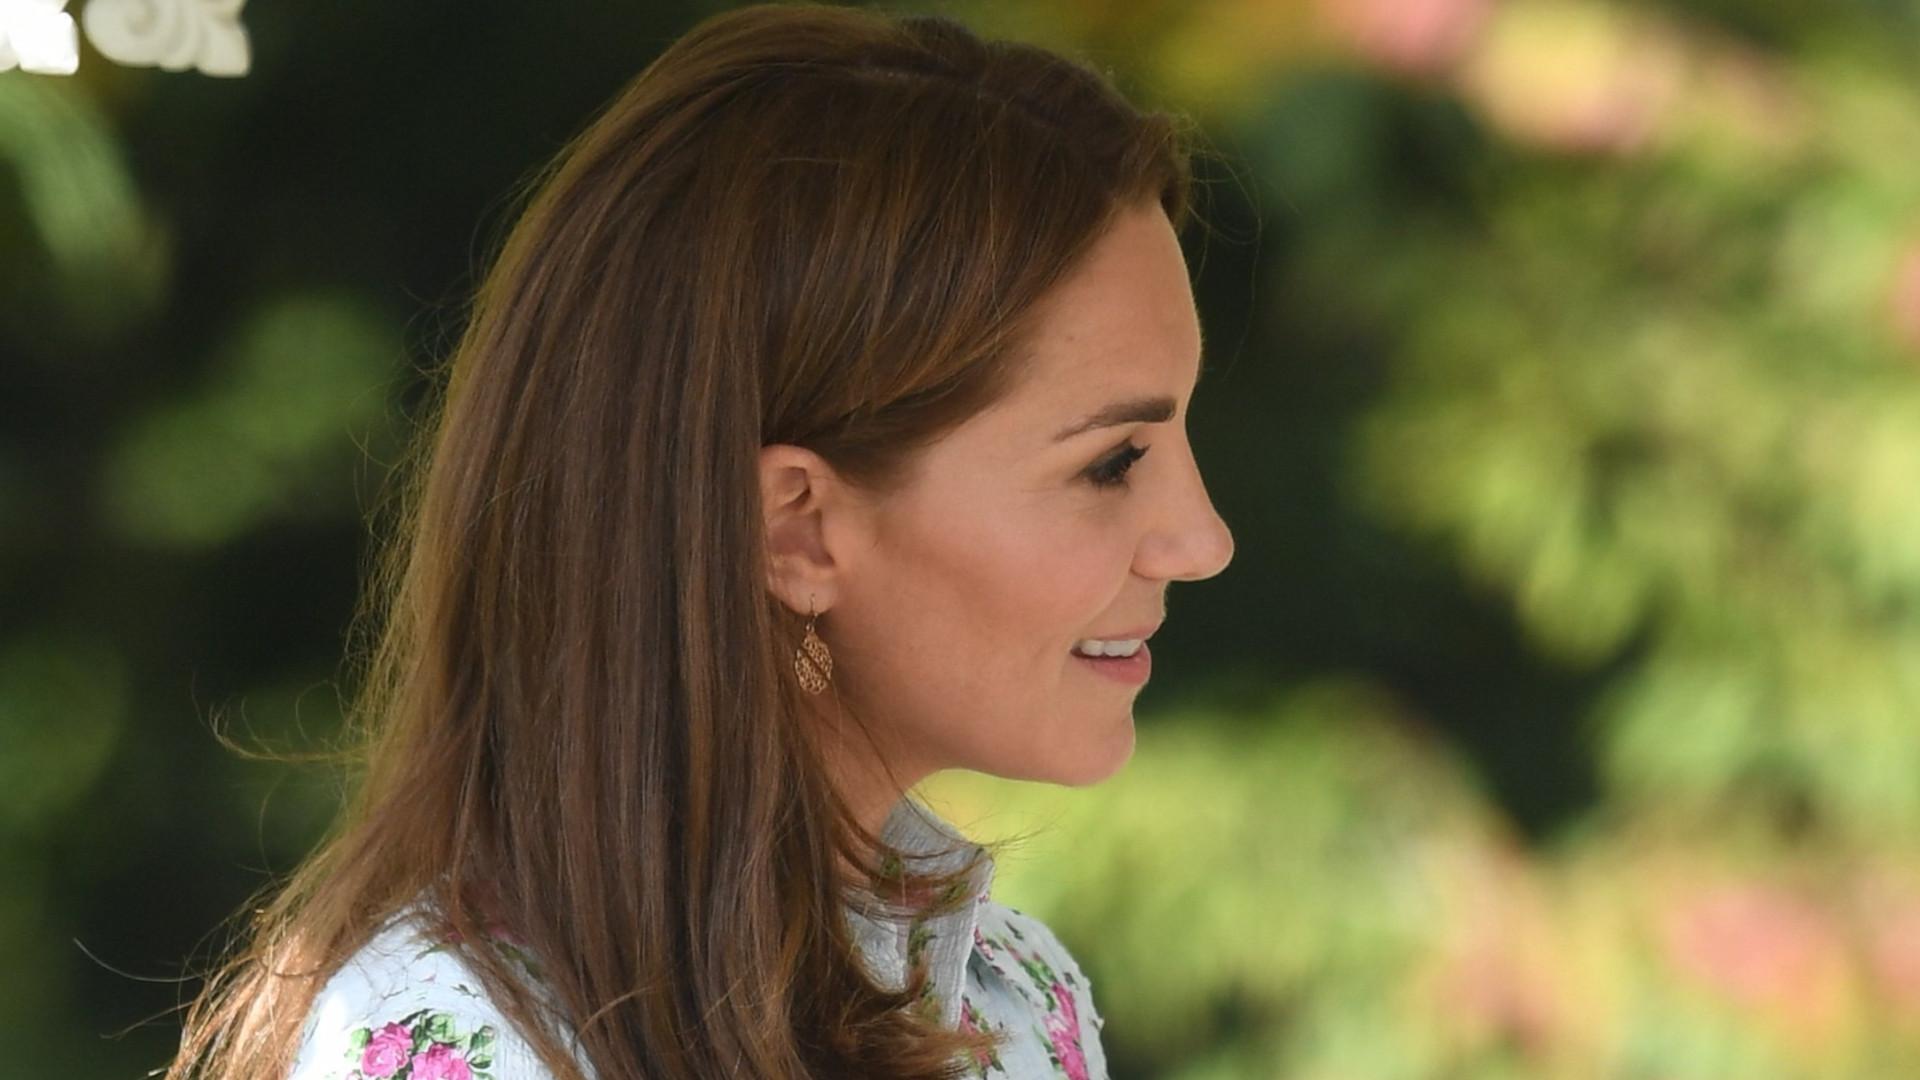 Kate Middleton w bardzo DROGIEJ sukience na otwarciu swojego ogrodu (ZDJĘCIA)